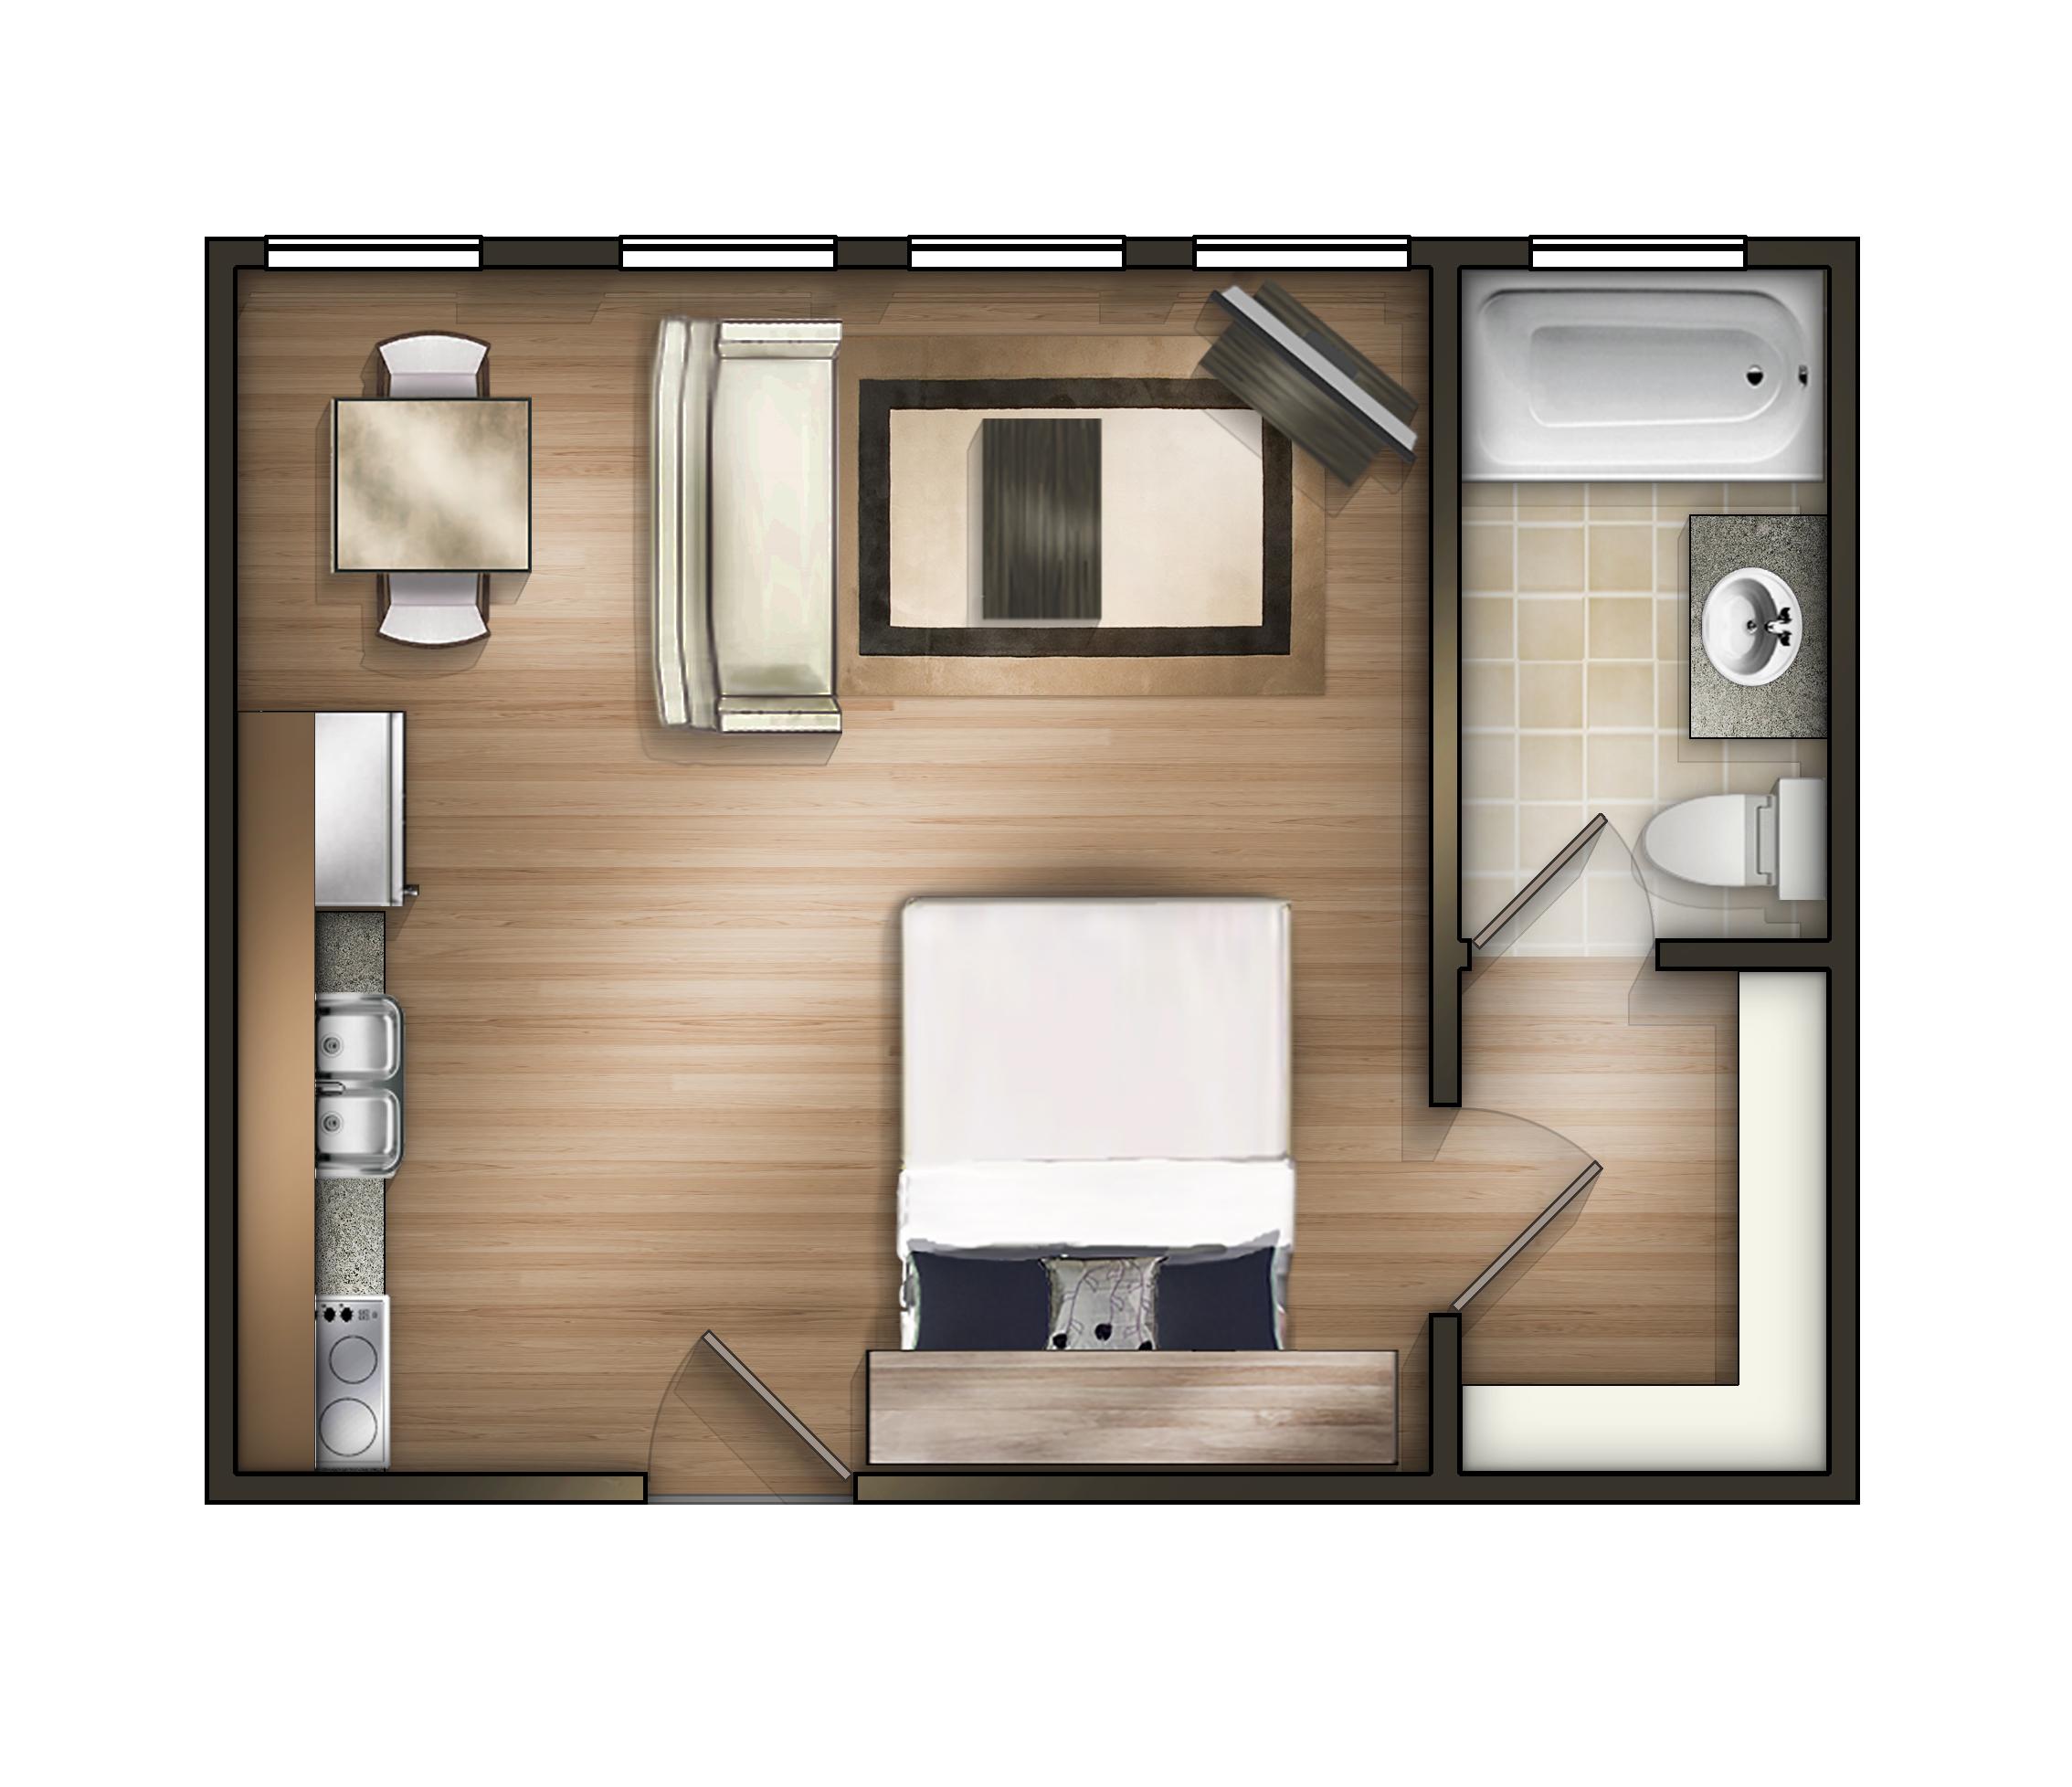 Glenwood Apartments photo